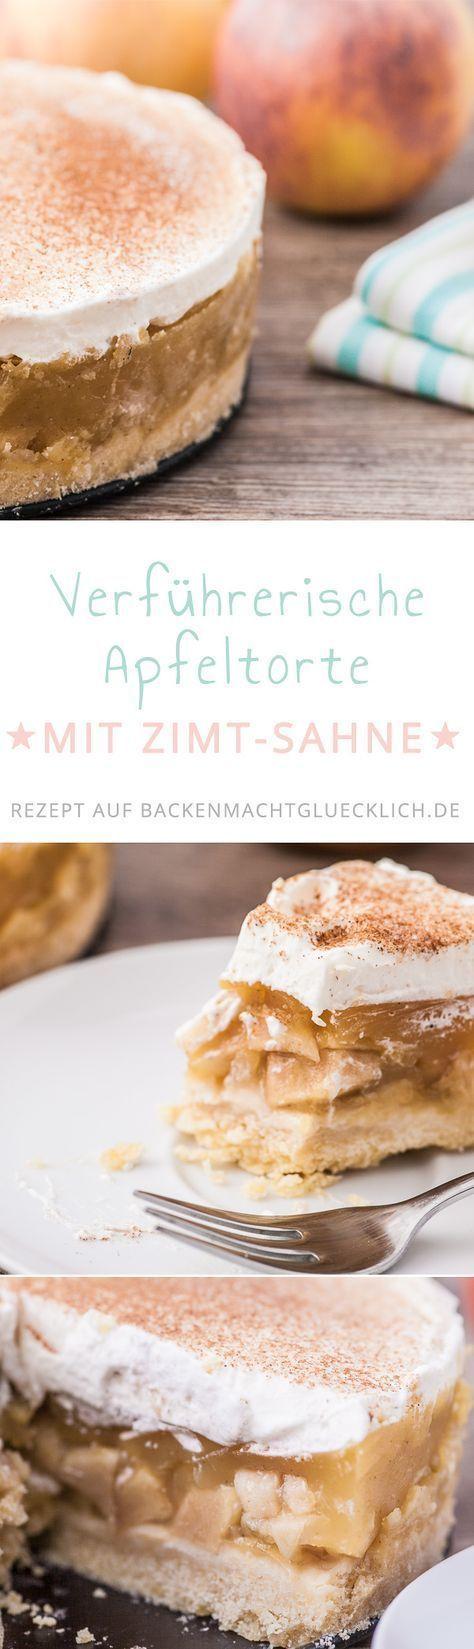 Apple cream cake with pudding   - Essen + Trinken -